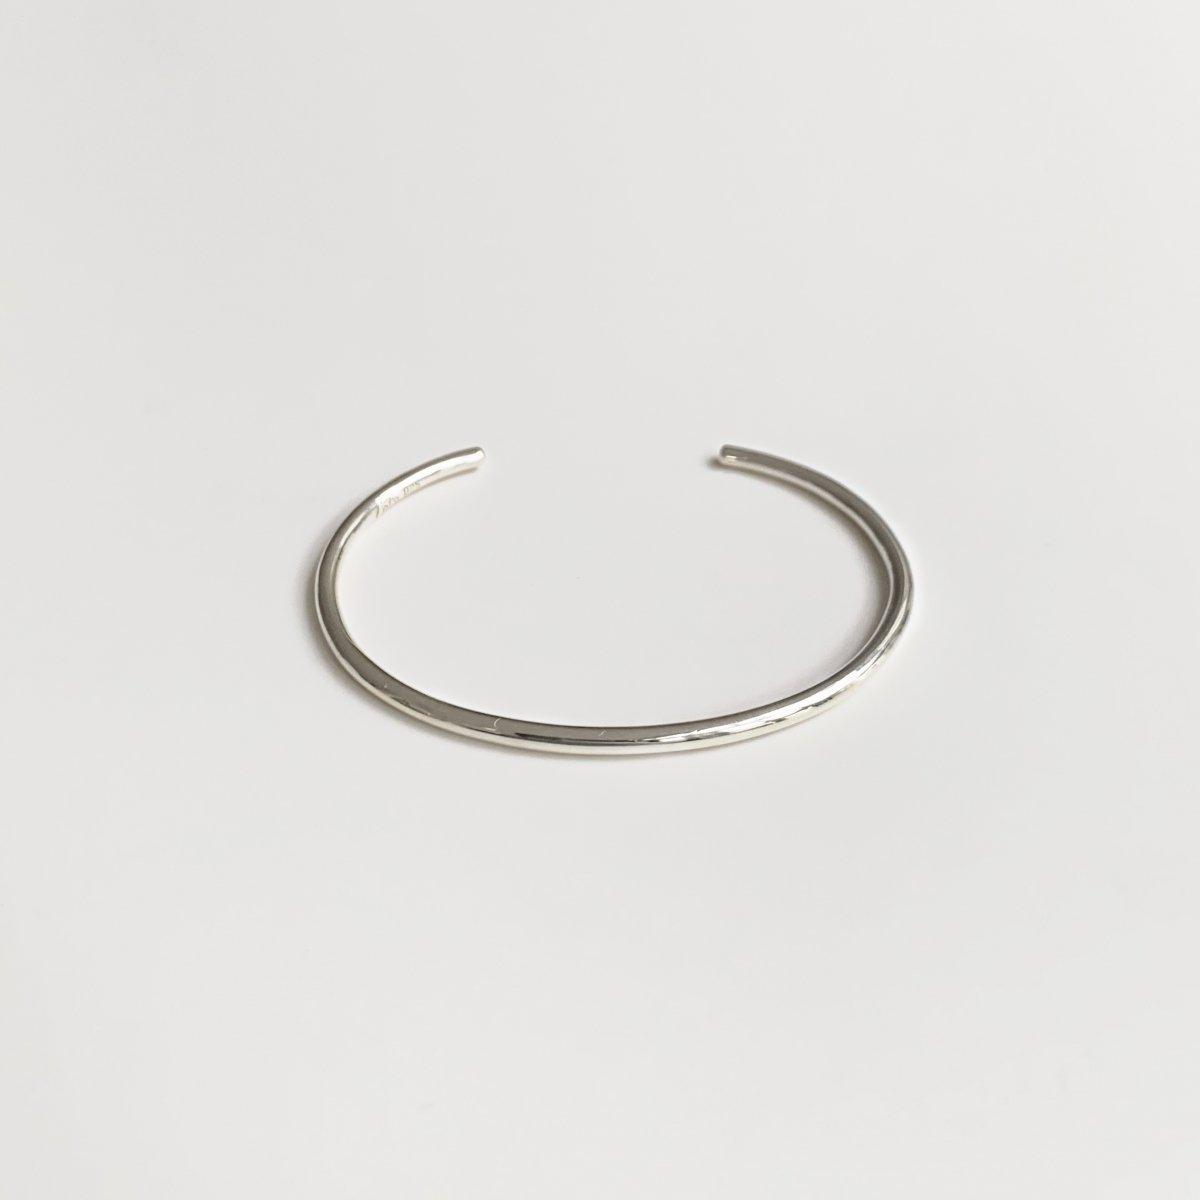 L bangle silver